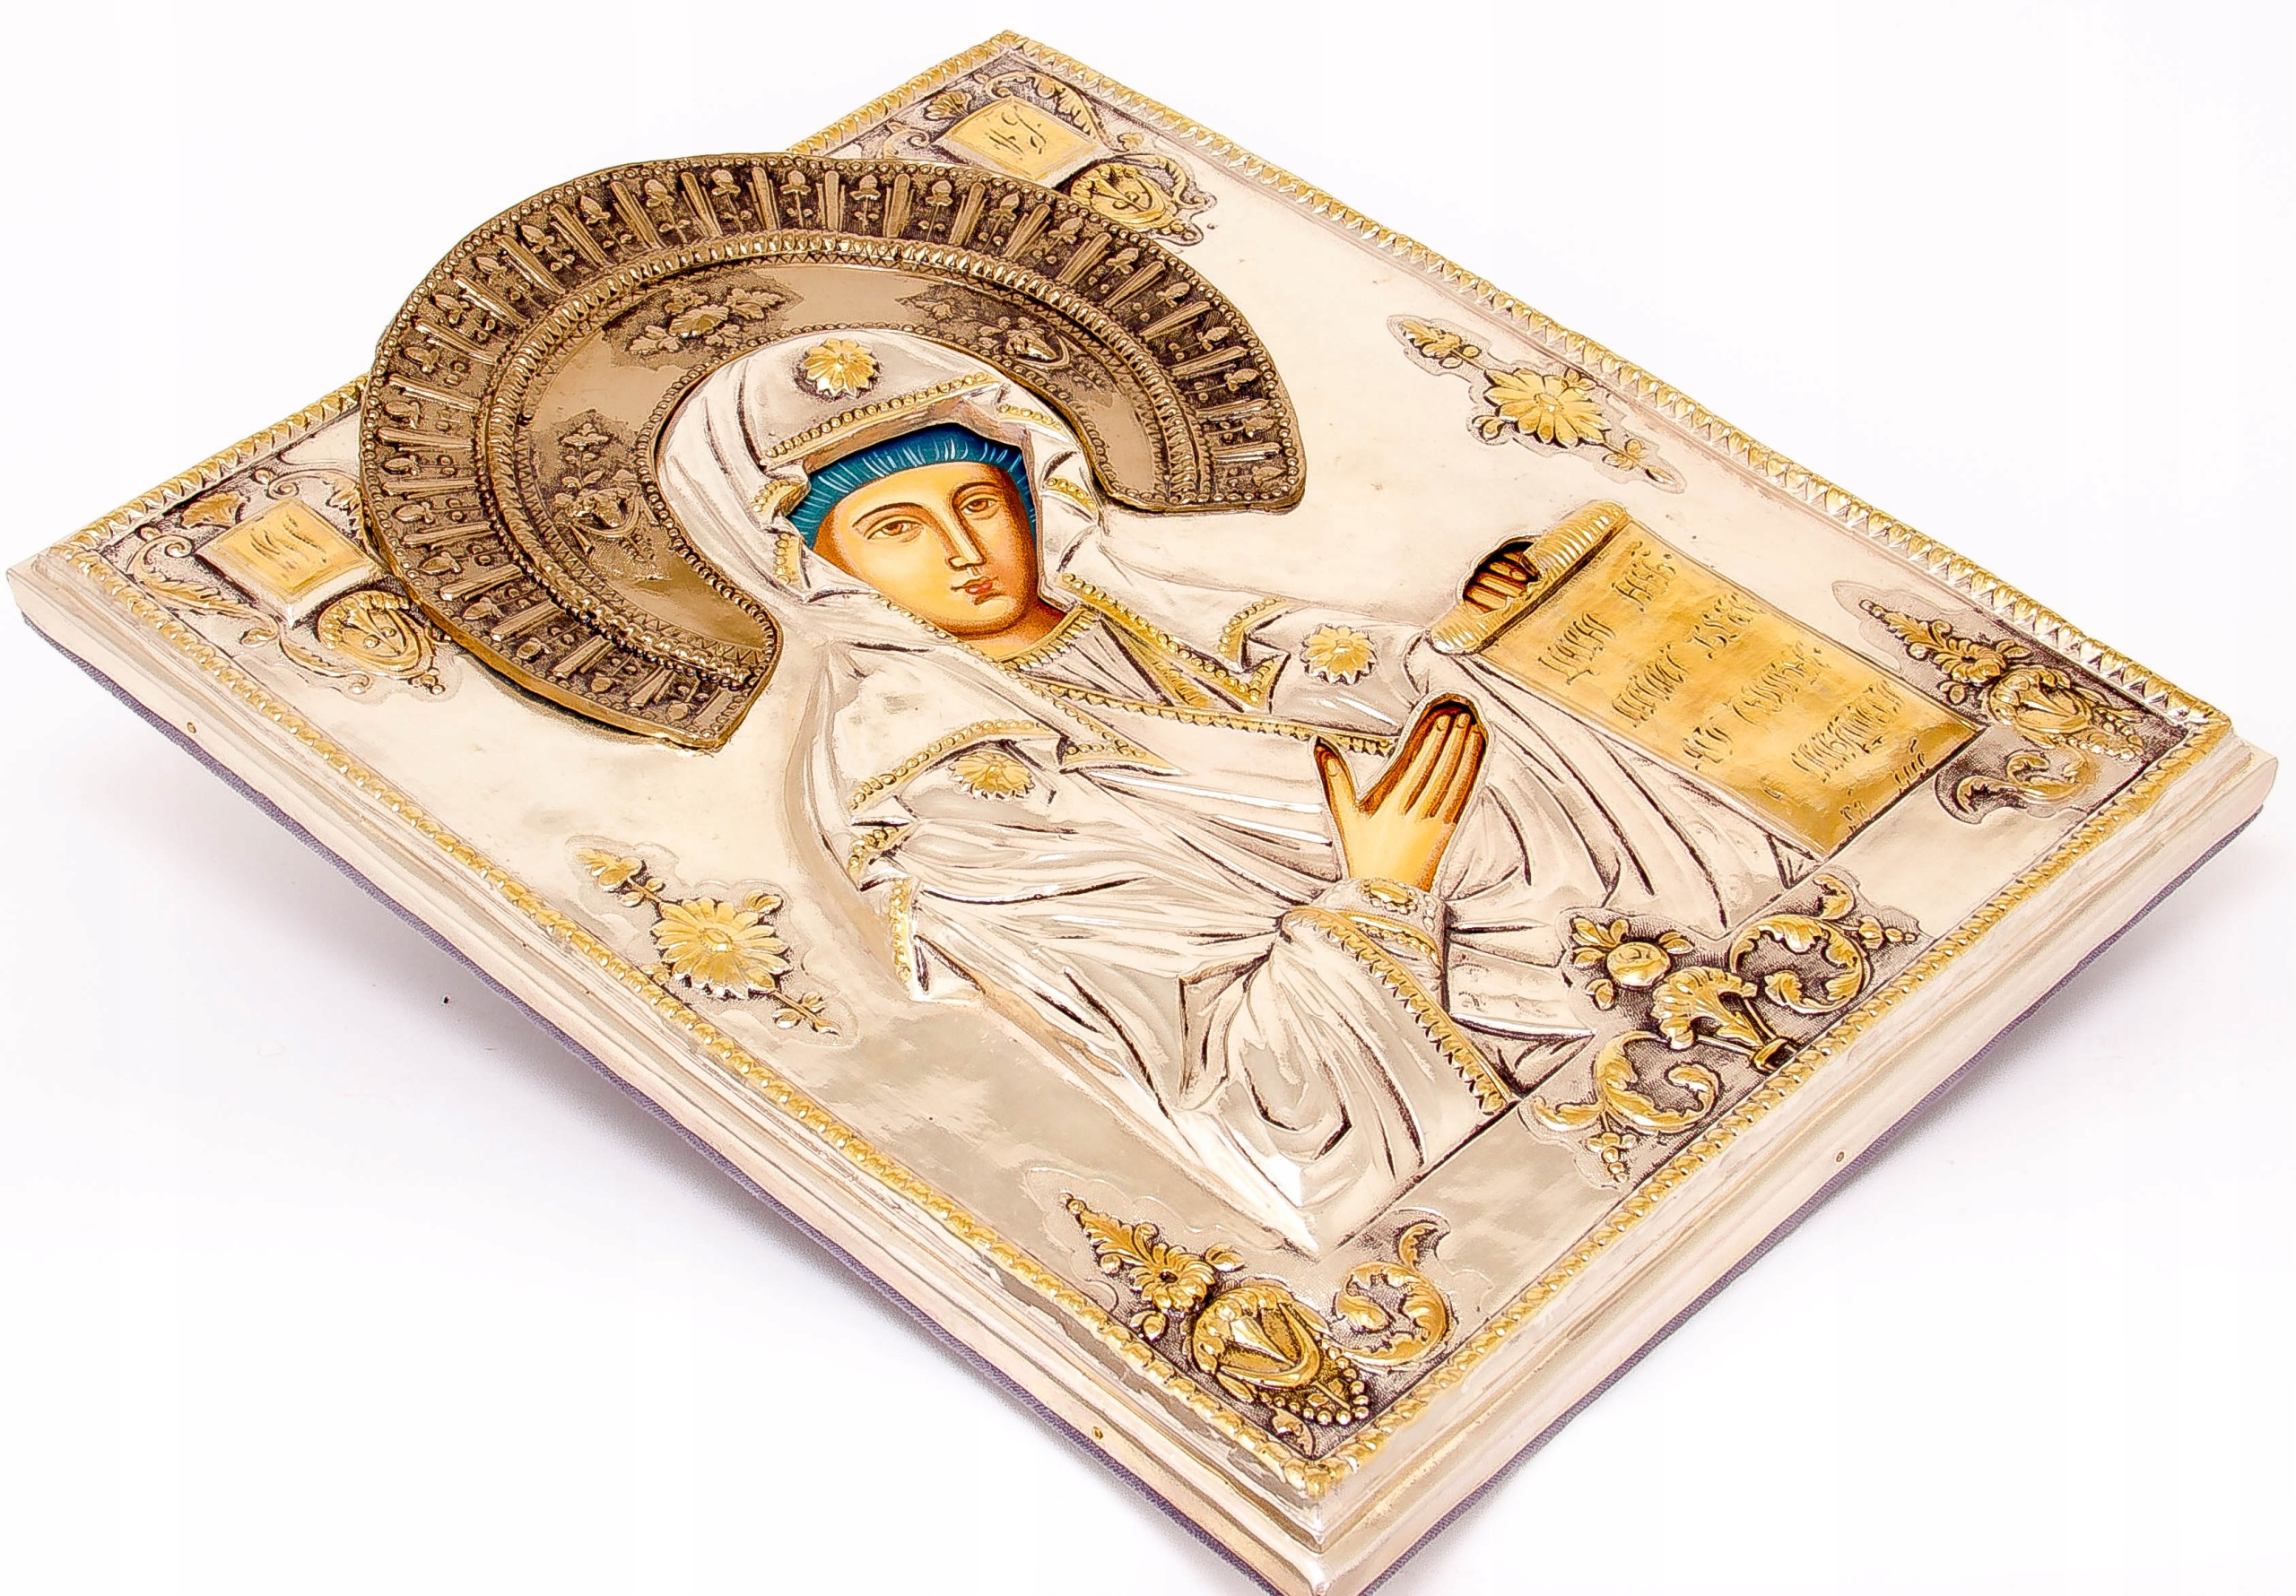 Ikona Matki Bożej Bogolubskiej SREBRO ZŁOTO nr 39 Rodzaj podobrazia podobrazie drewniane